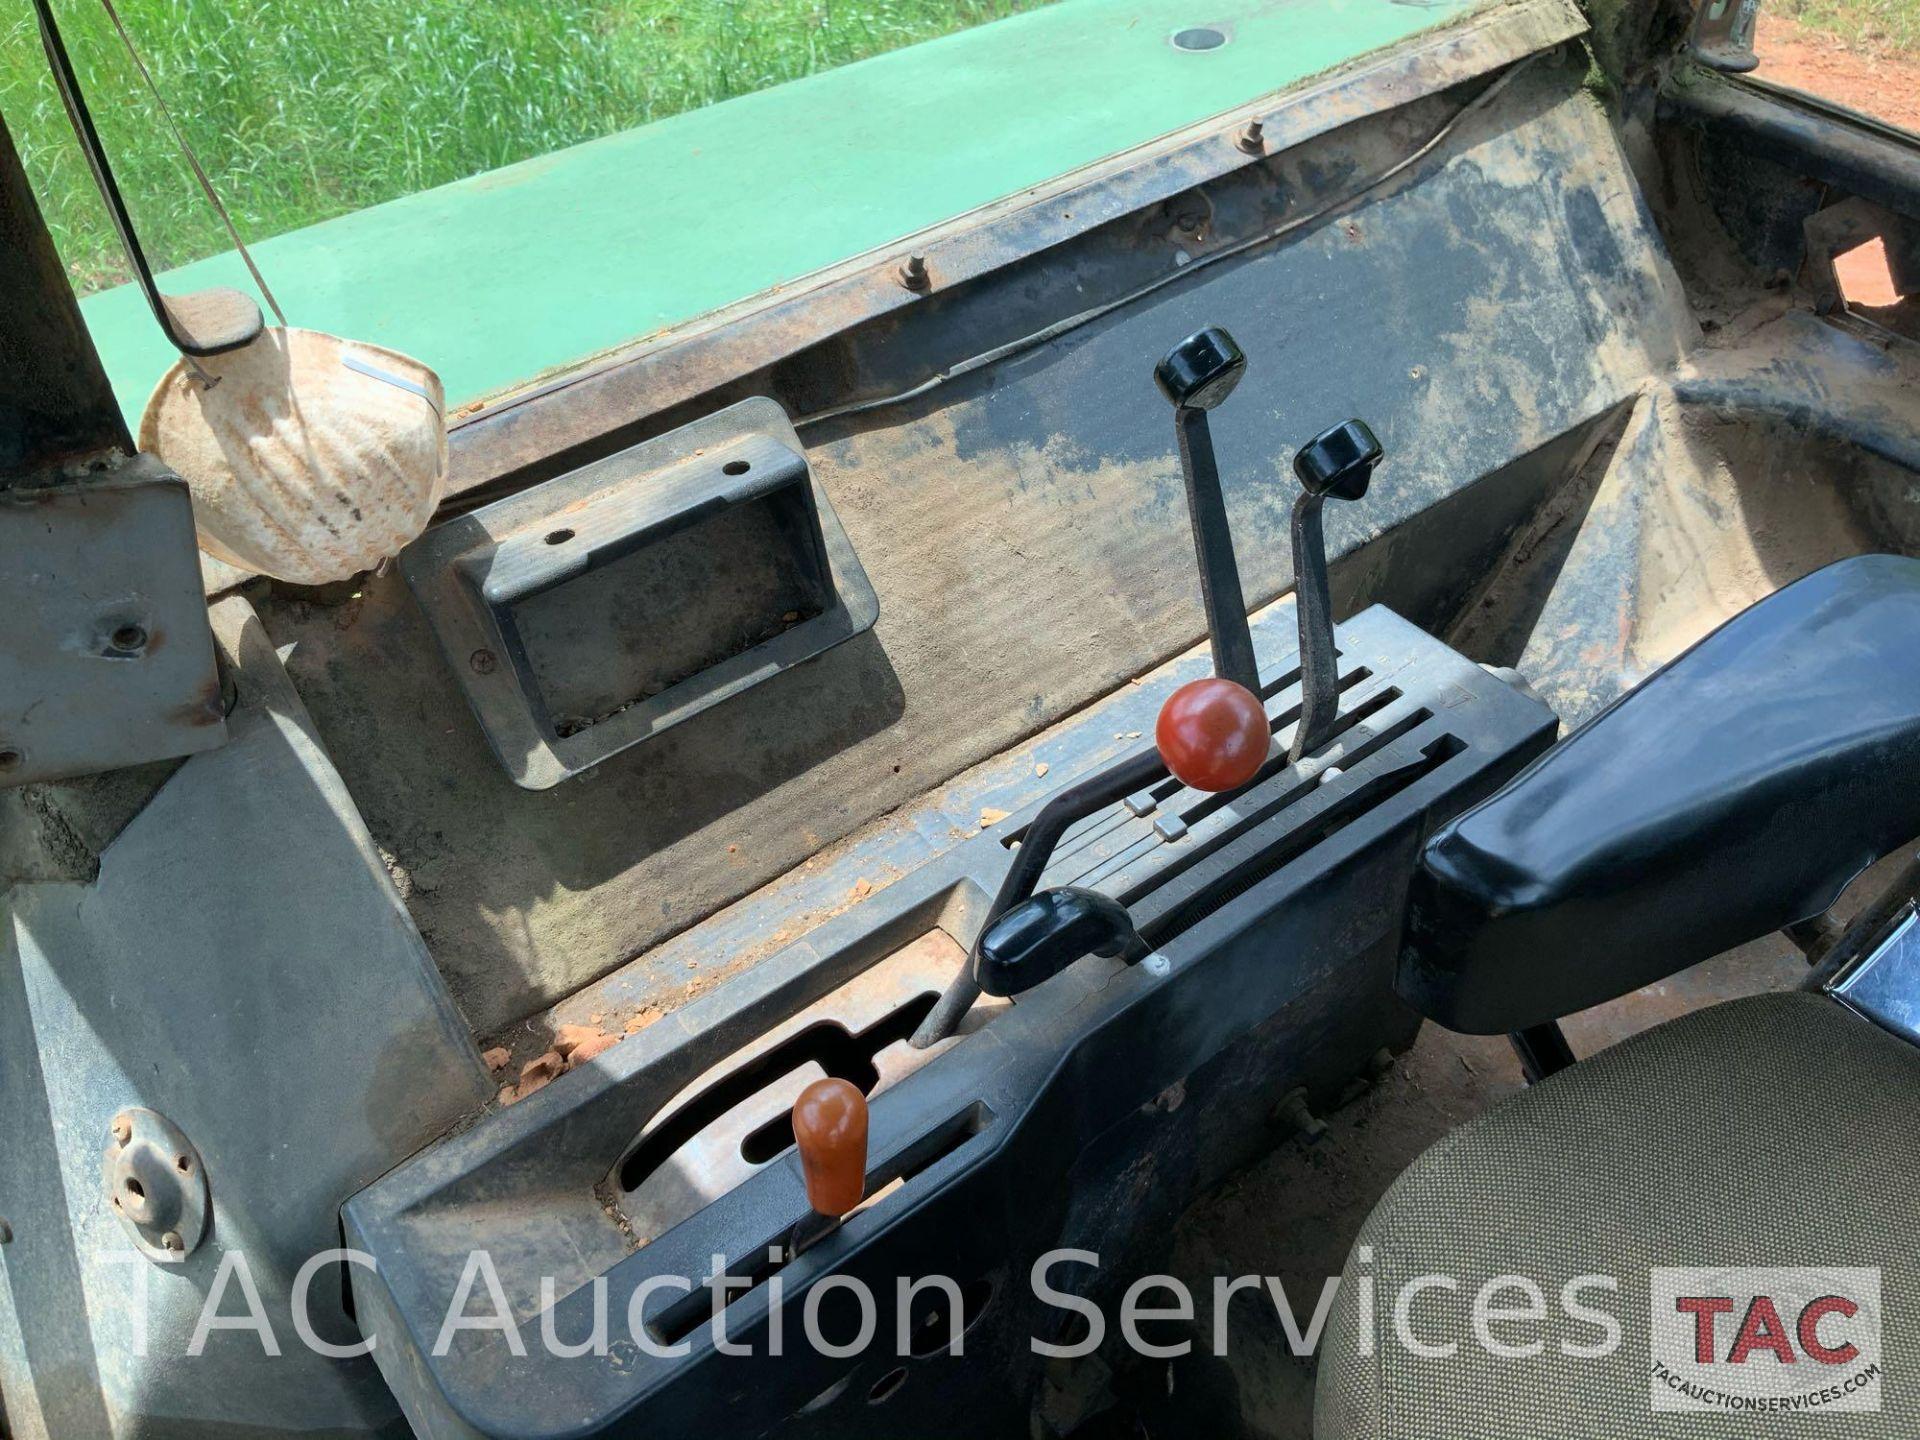 John Deere 4440 Tractor - Image 16 of 31